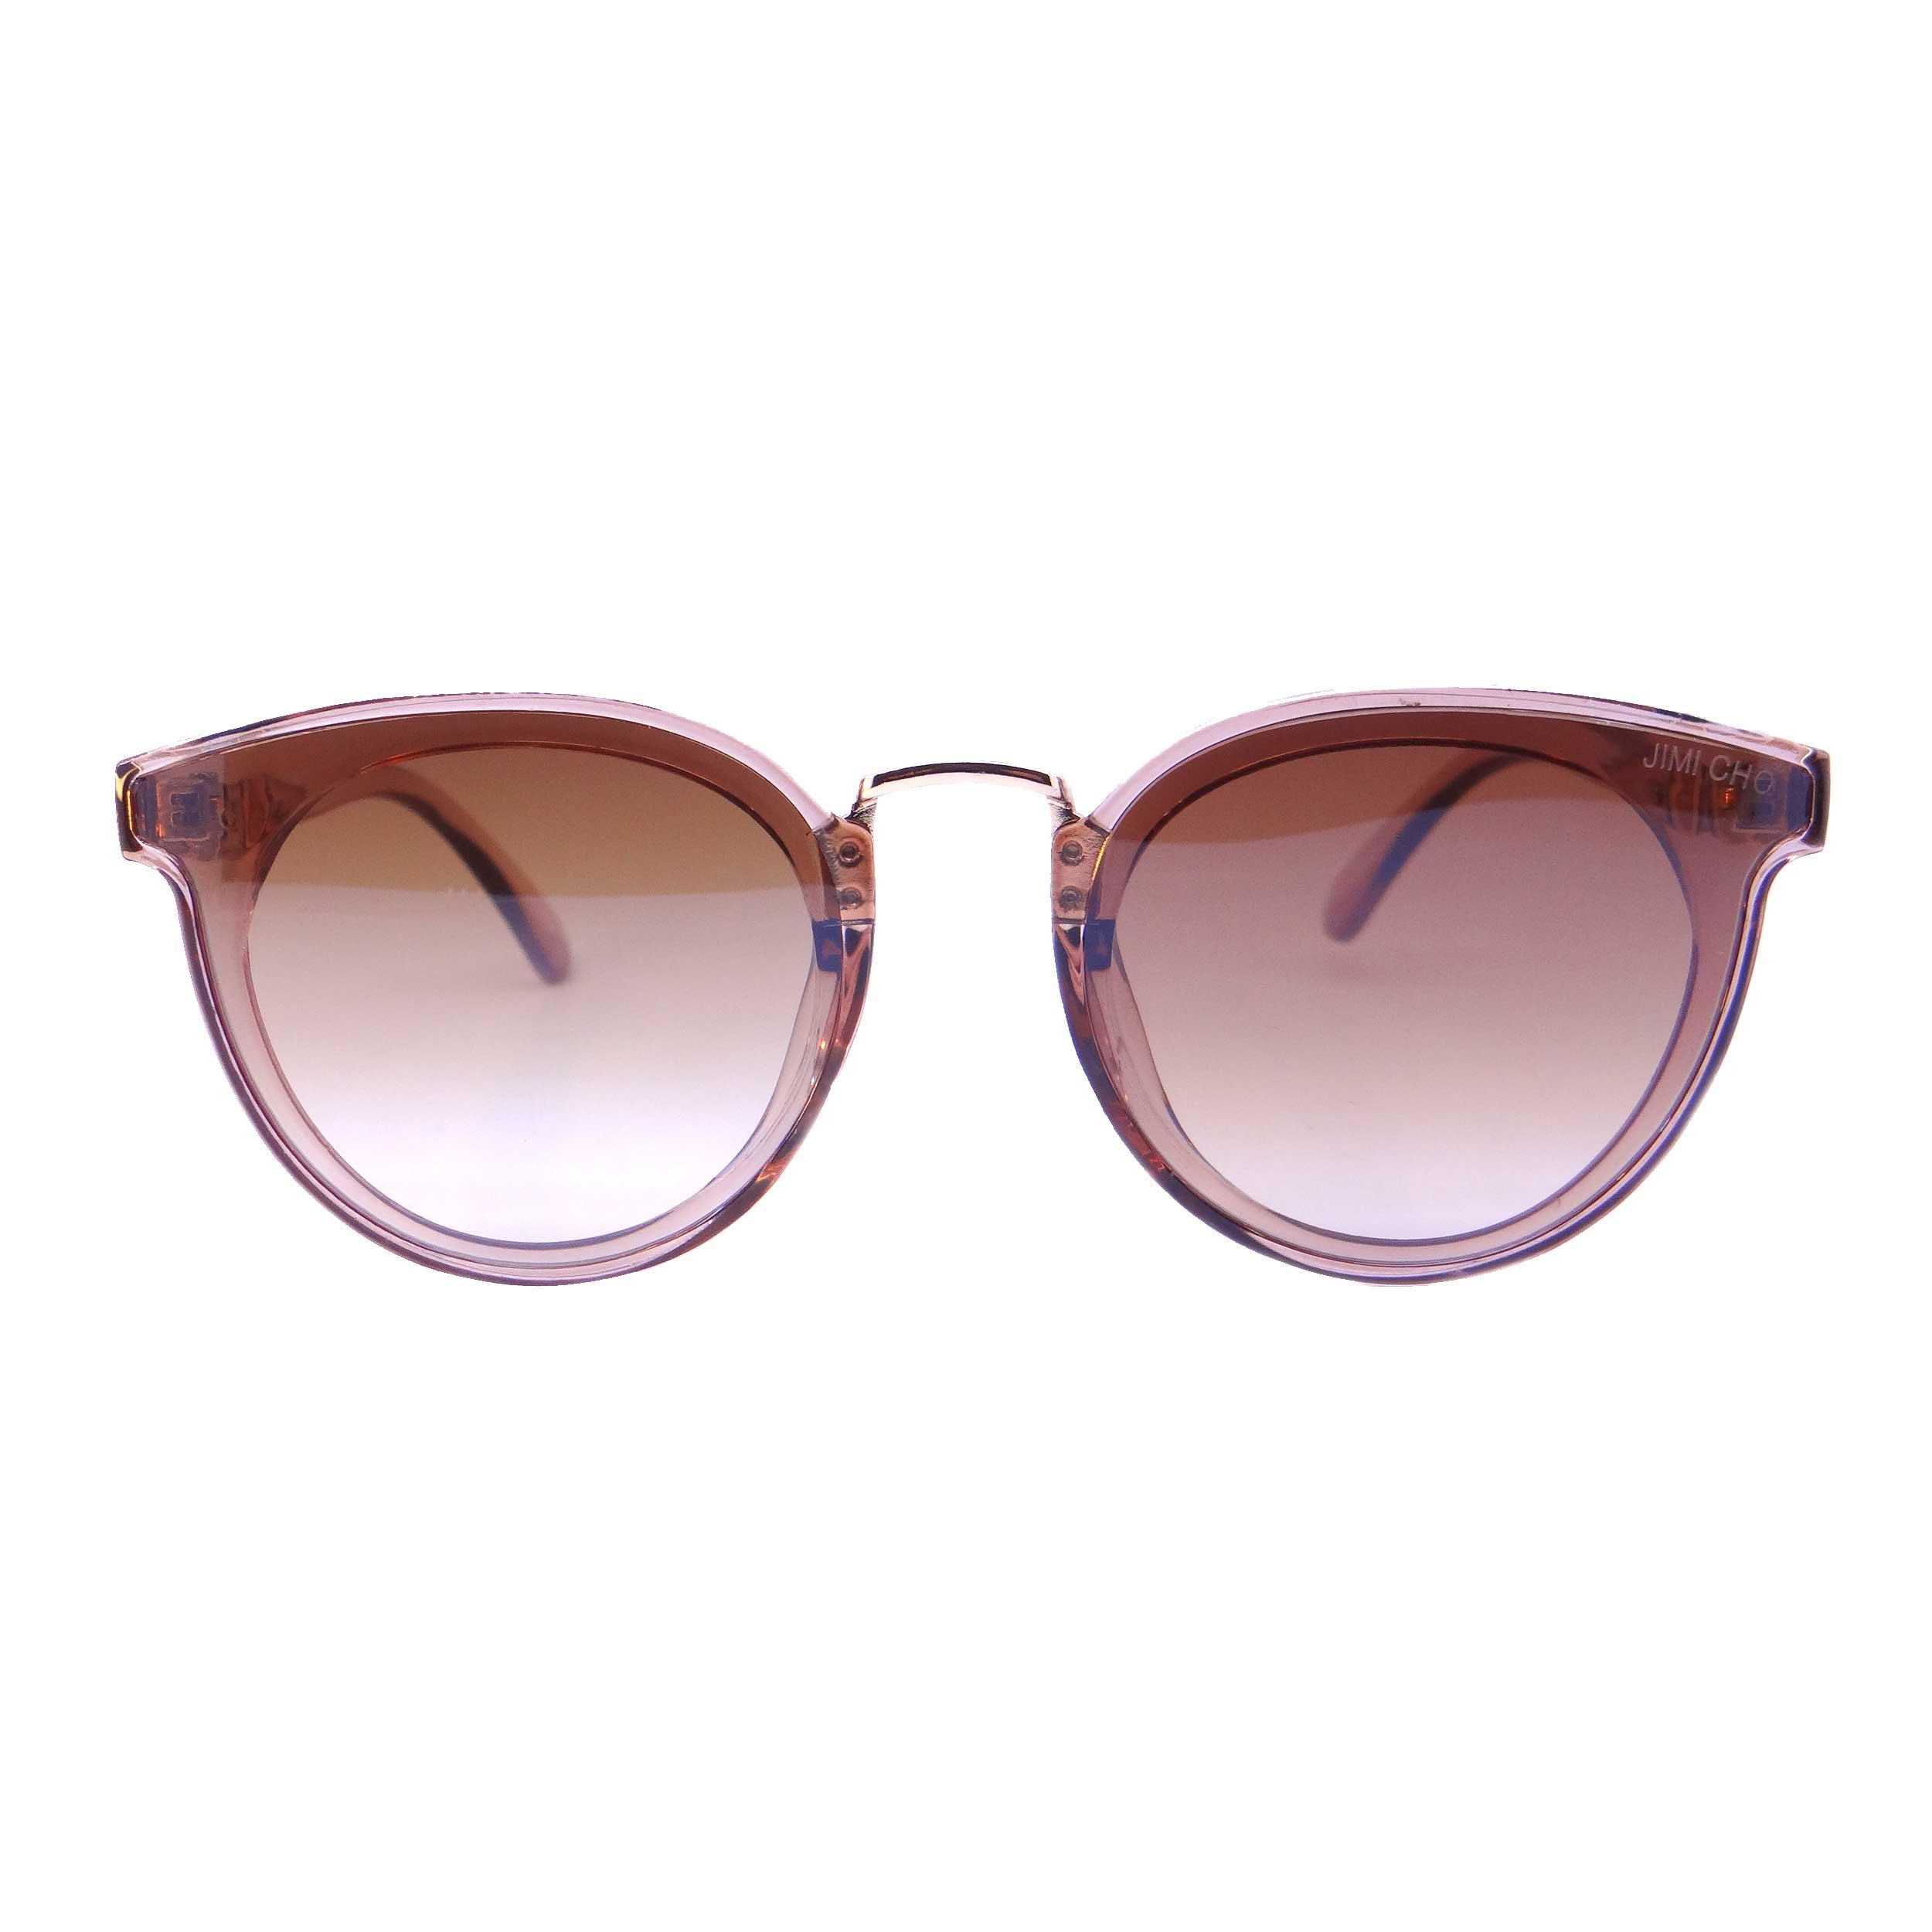 عینک آفتابی زنانه جیمی چو مدل 9933 رنگ قهوه ای روشن